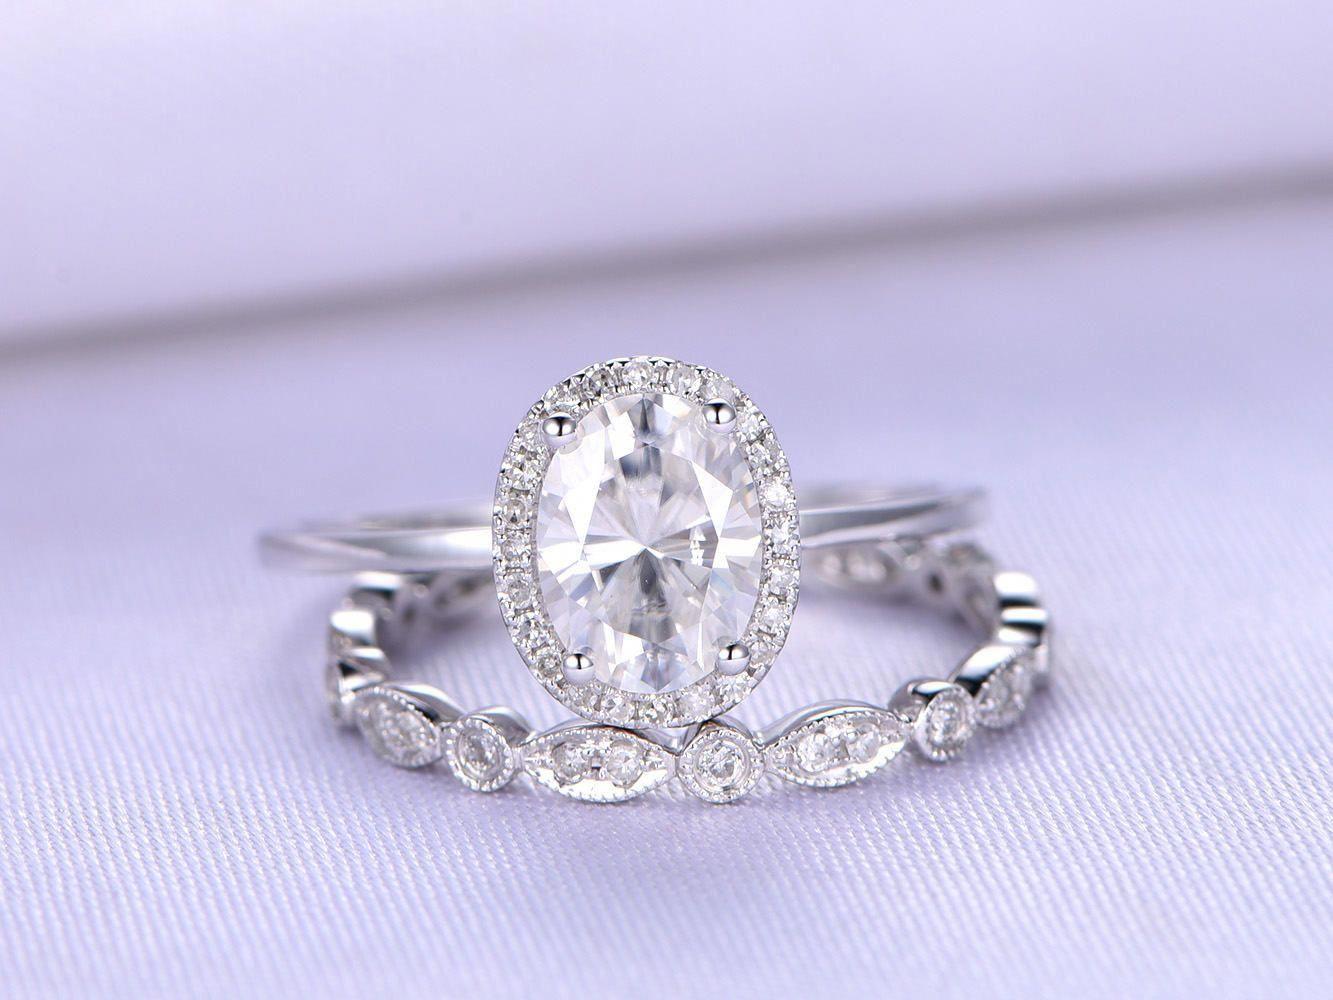 Moissanite engagement ringxmm oval cut moissanite ringk white